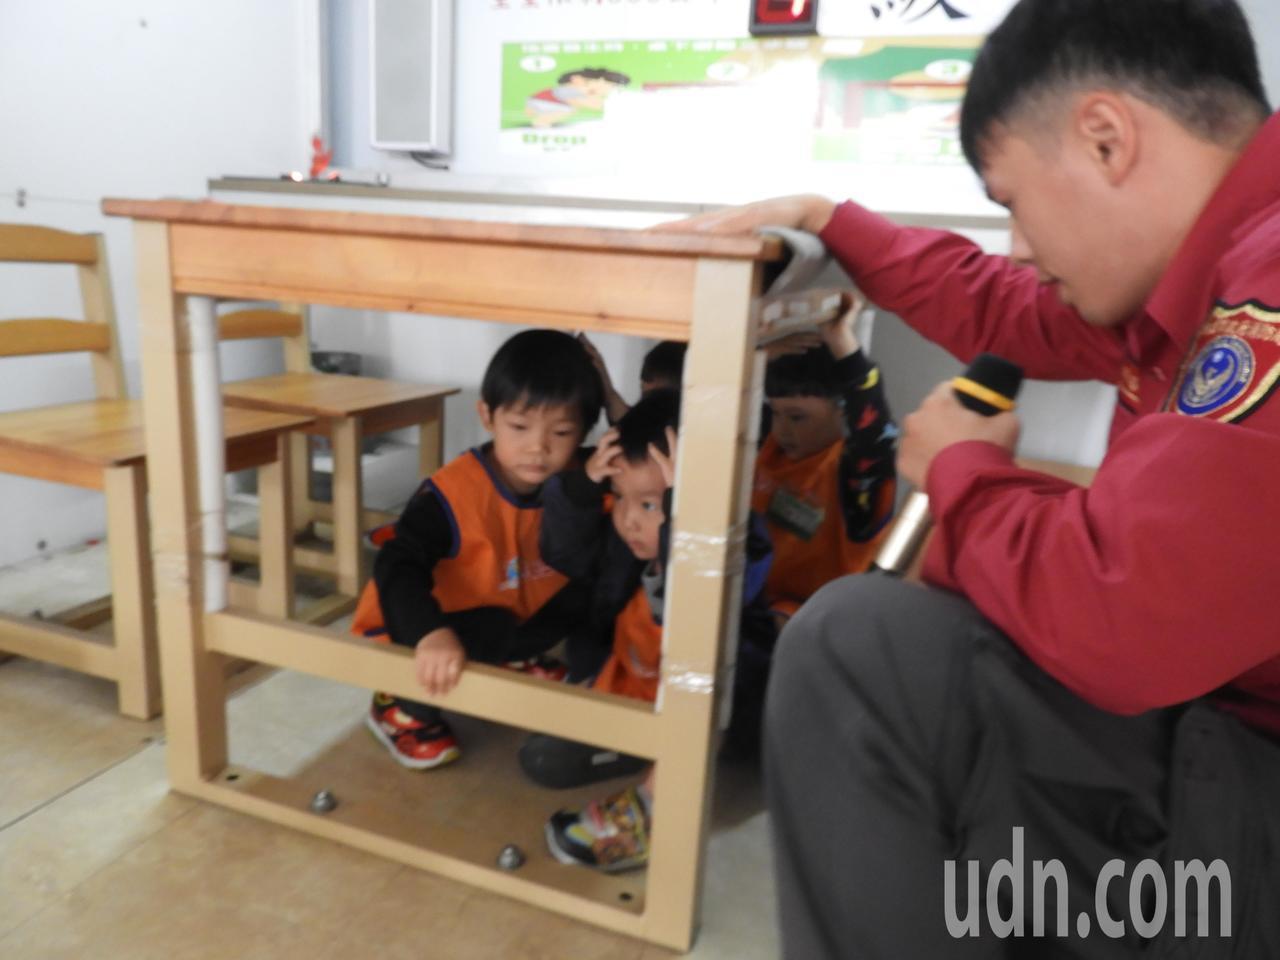 第四大隊派出地震體驗車,讓小朋友模擬地震防災。記者高宇震/攝影